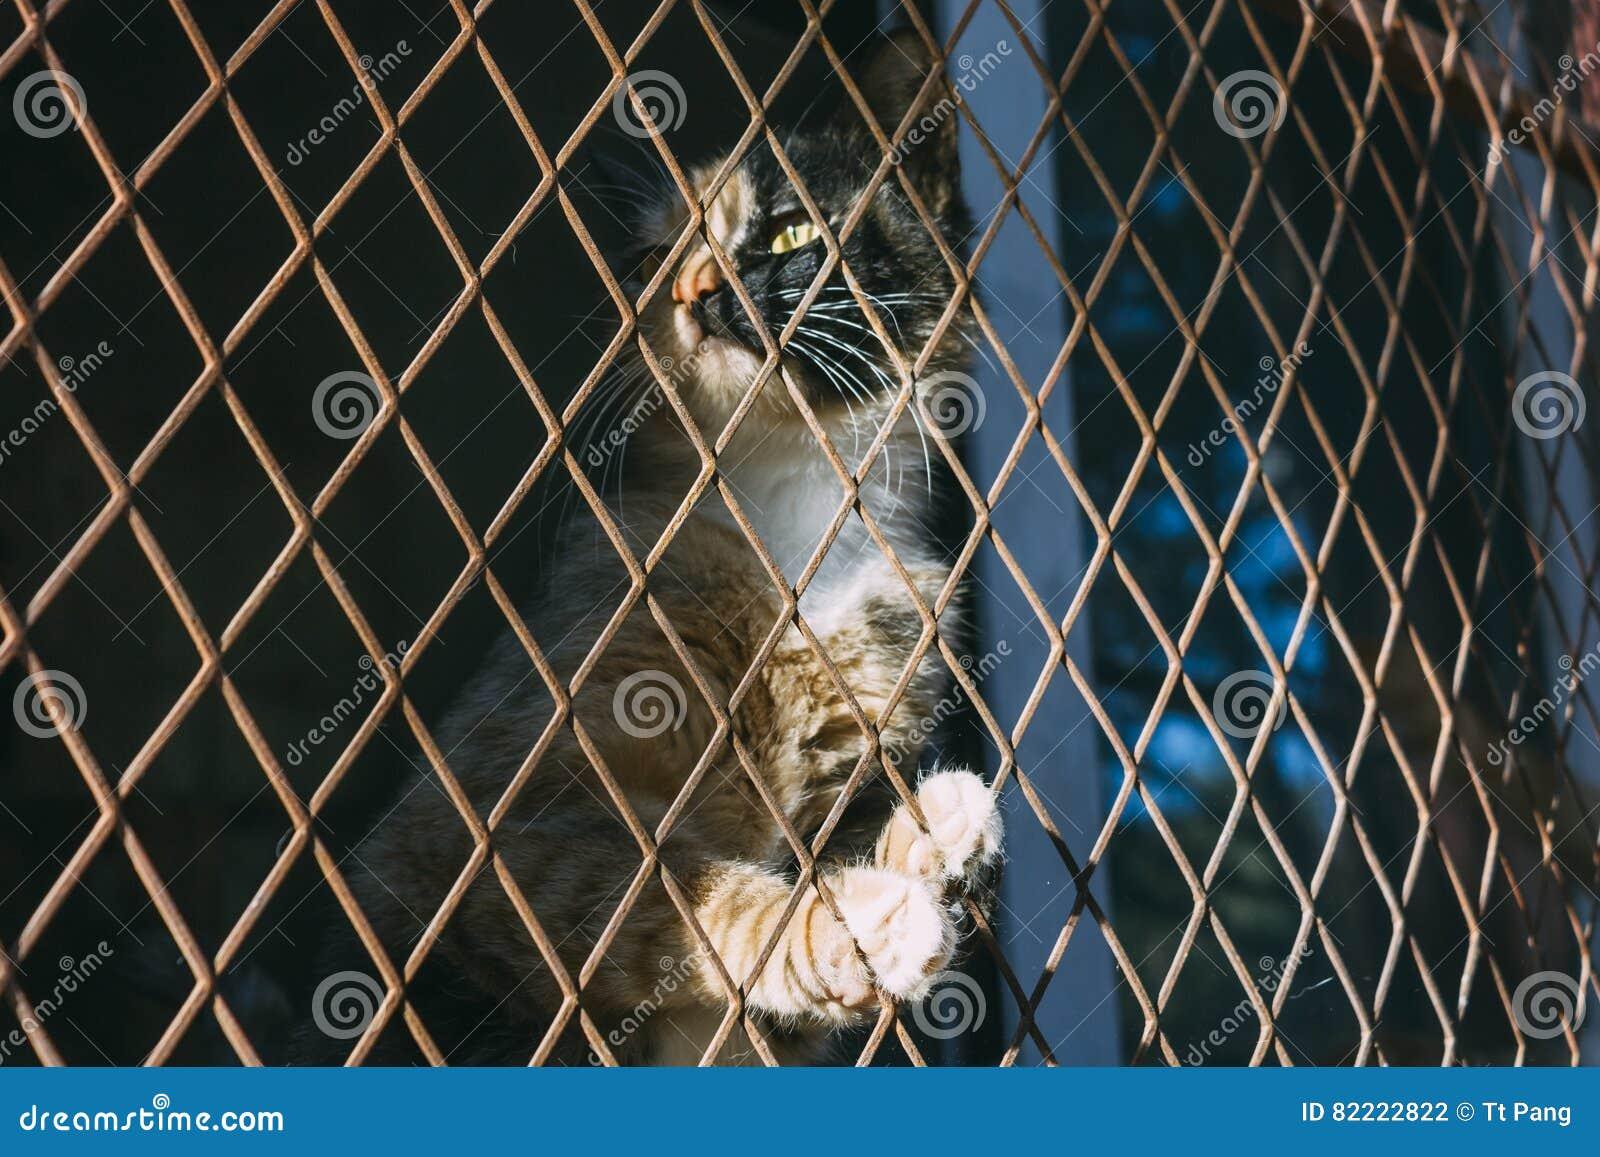 Le gingembre et le chat noir emprisonnent et sont coincés dans une fabrication de fil d acier, c